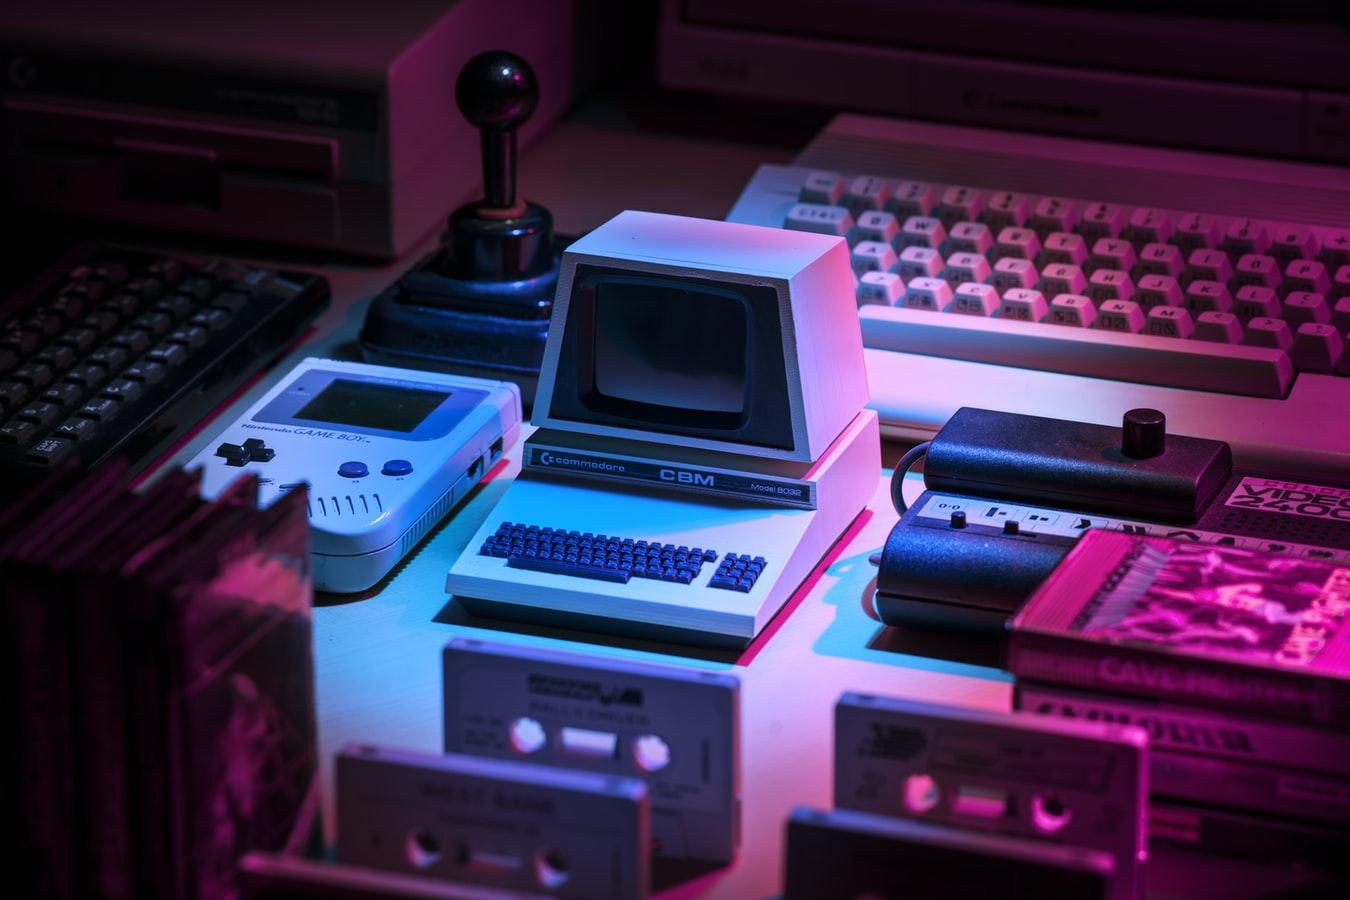 คอมพิวเตอร์ 5 ยุค